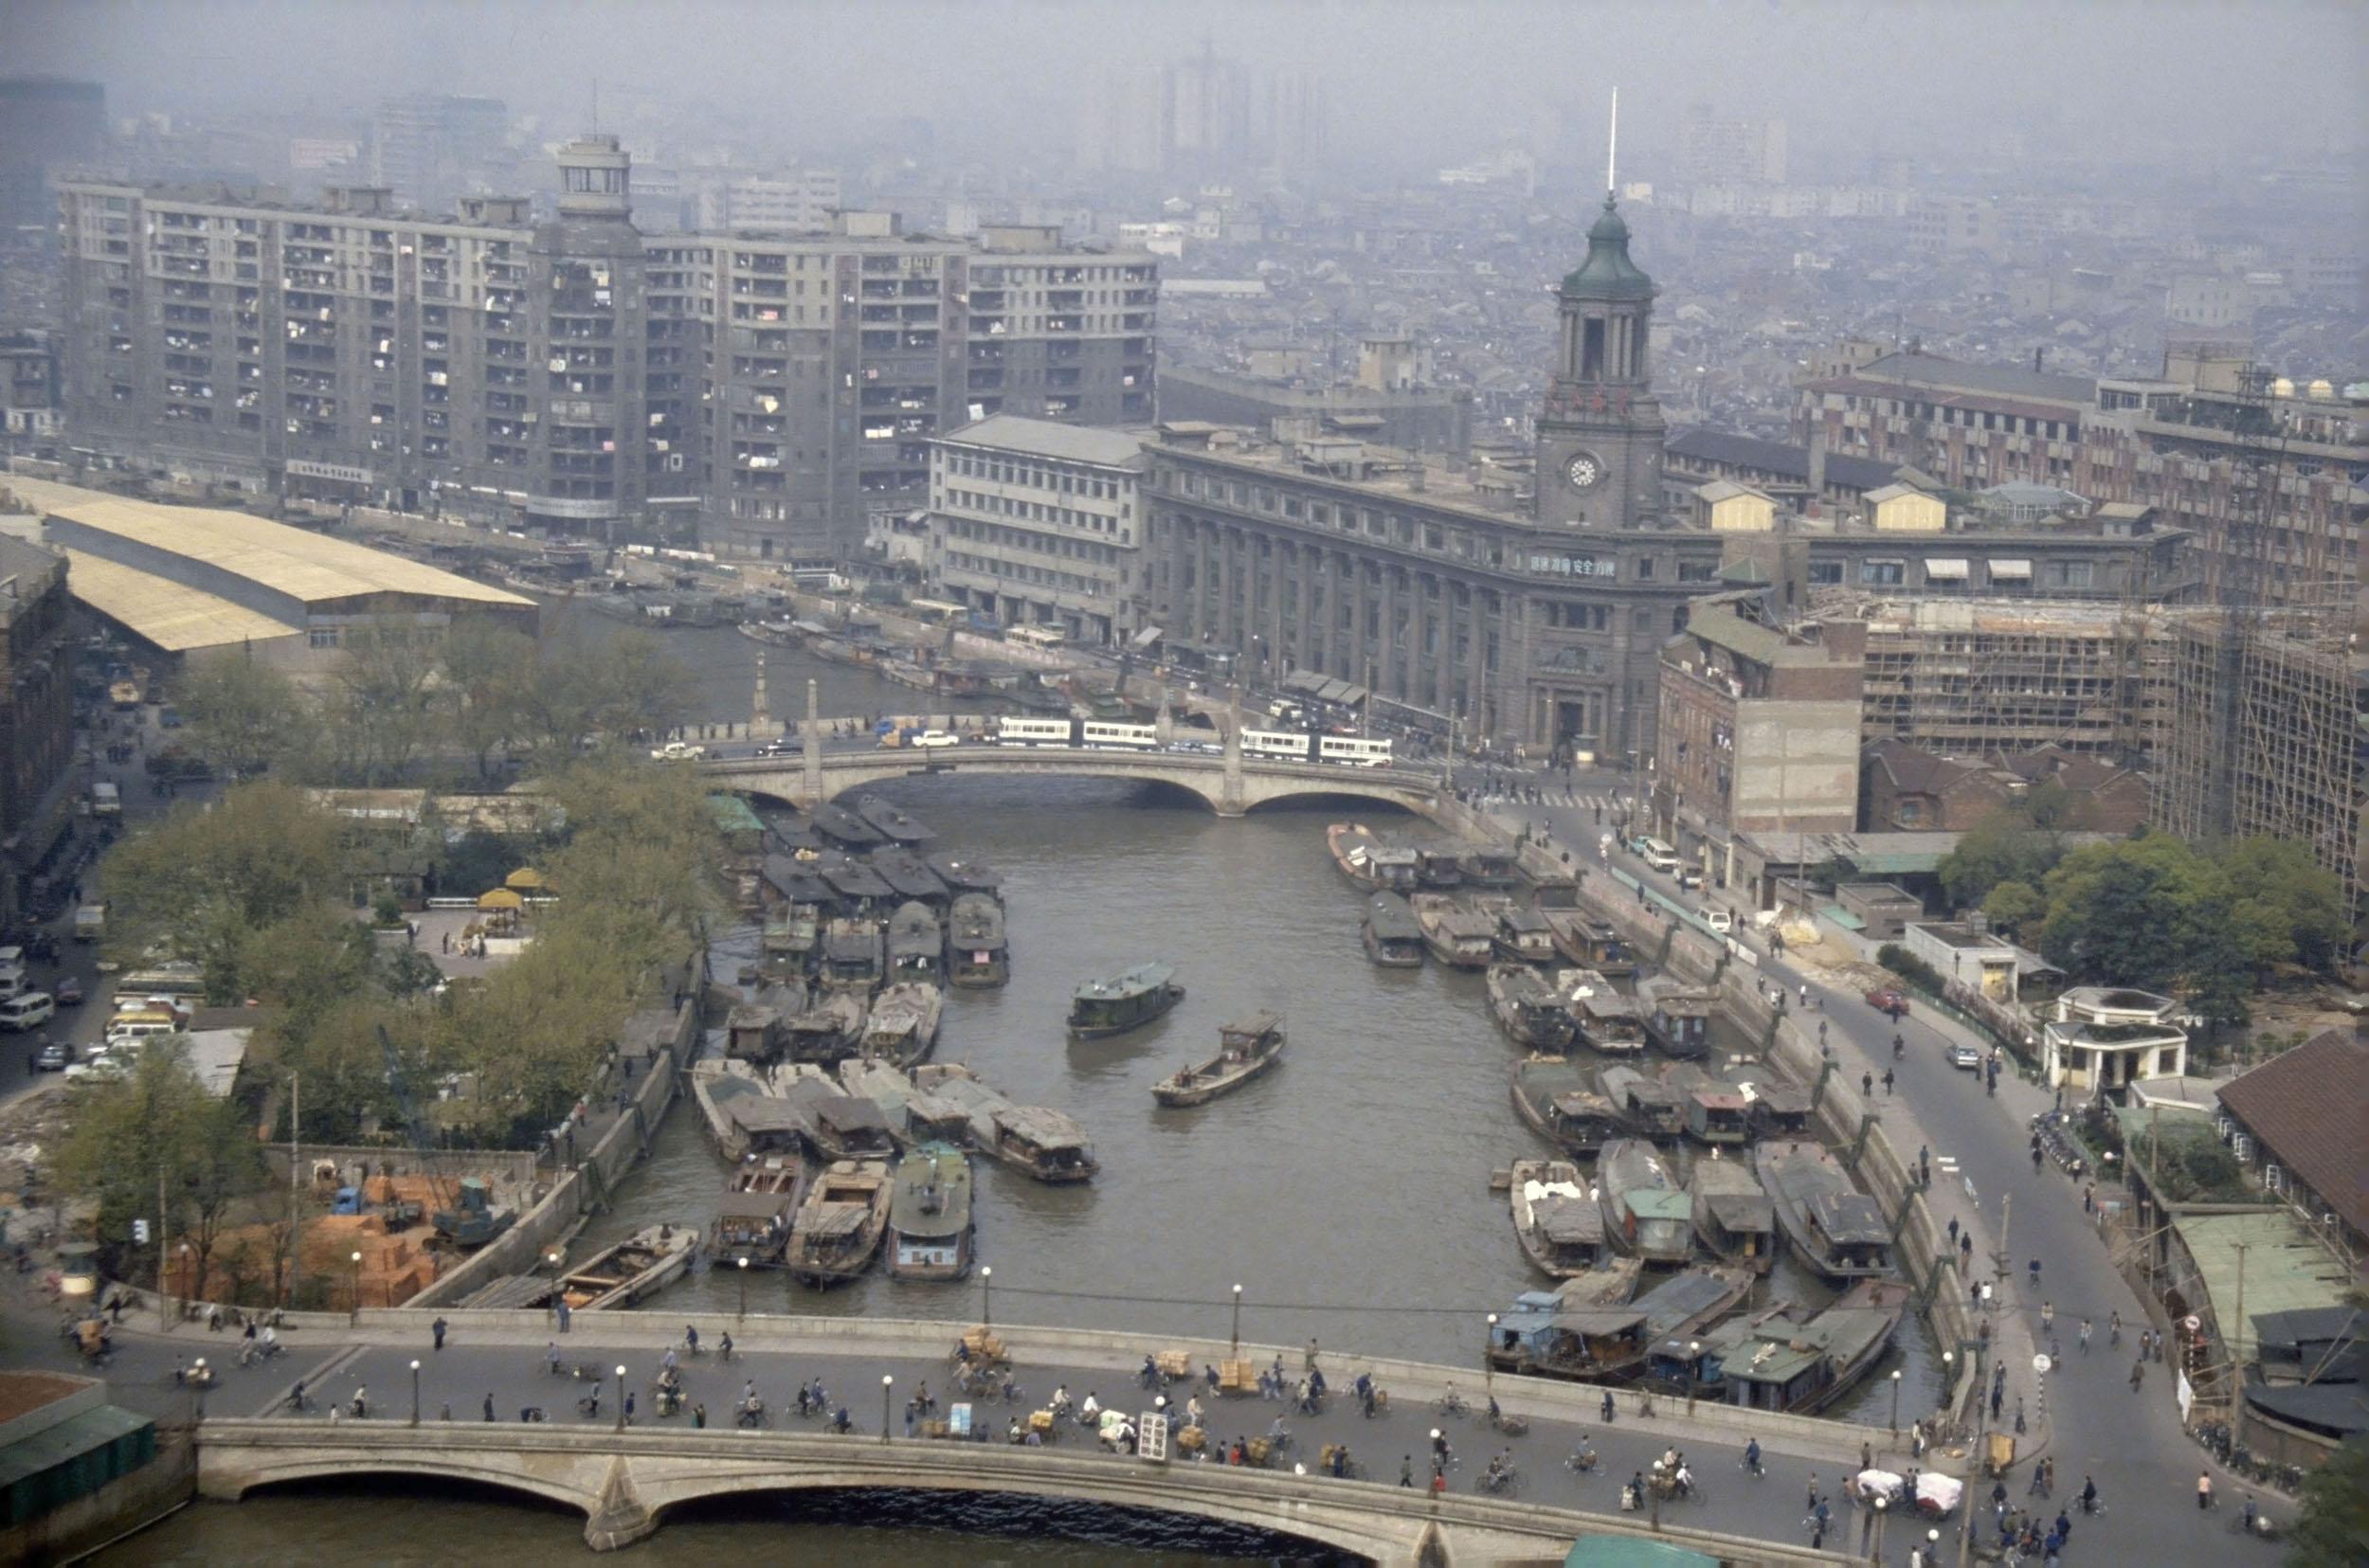 Шанхай в 1987 году сверху выглядел практически так же, как и в 1957-м, с колониальной архитектурой н